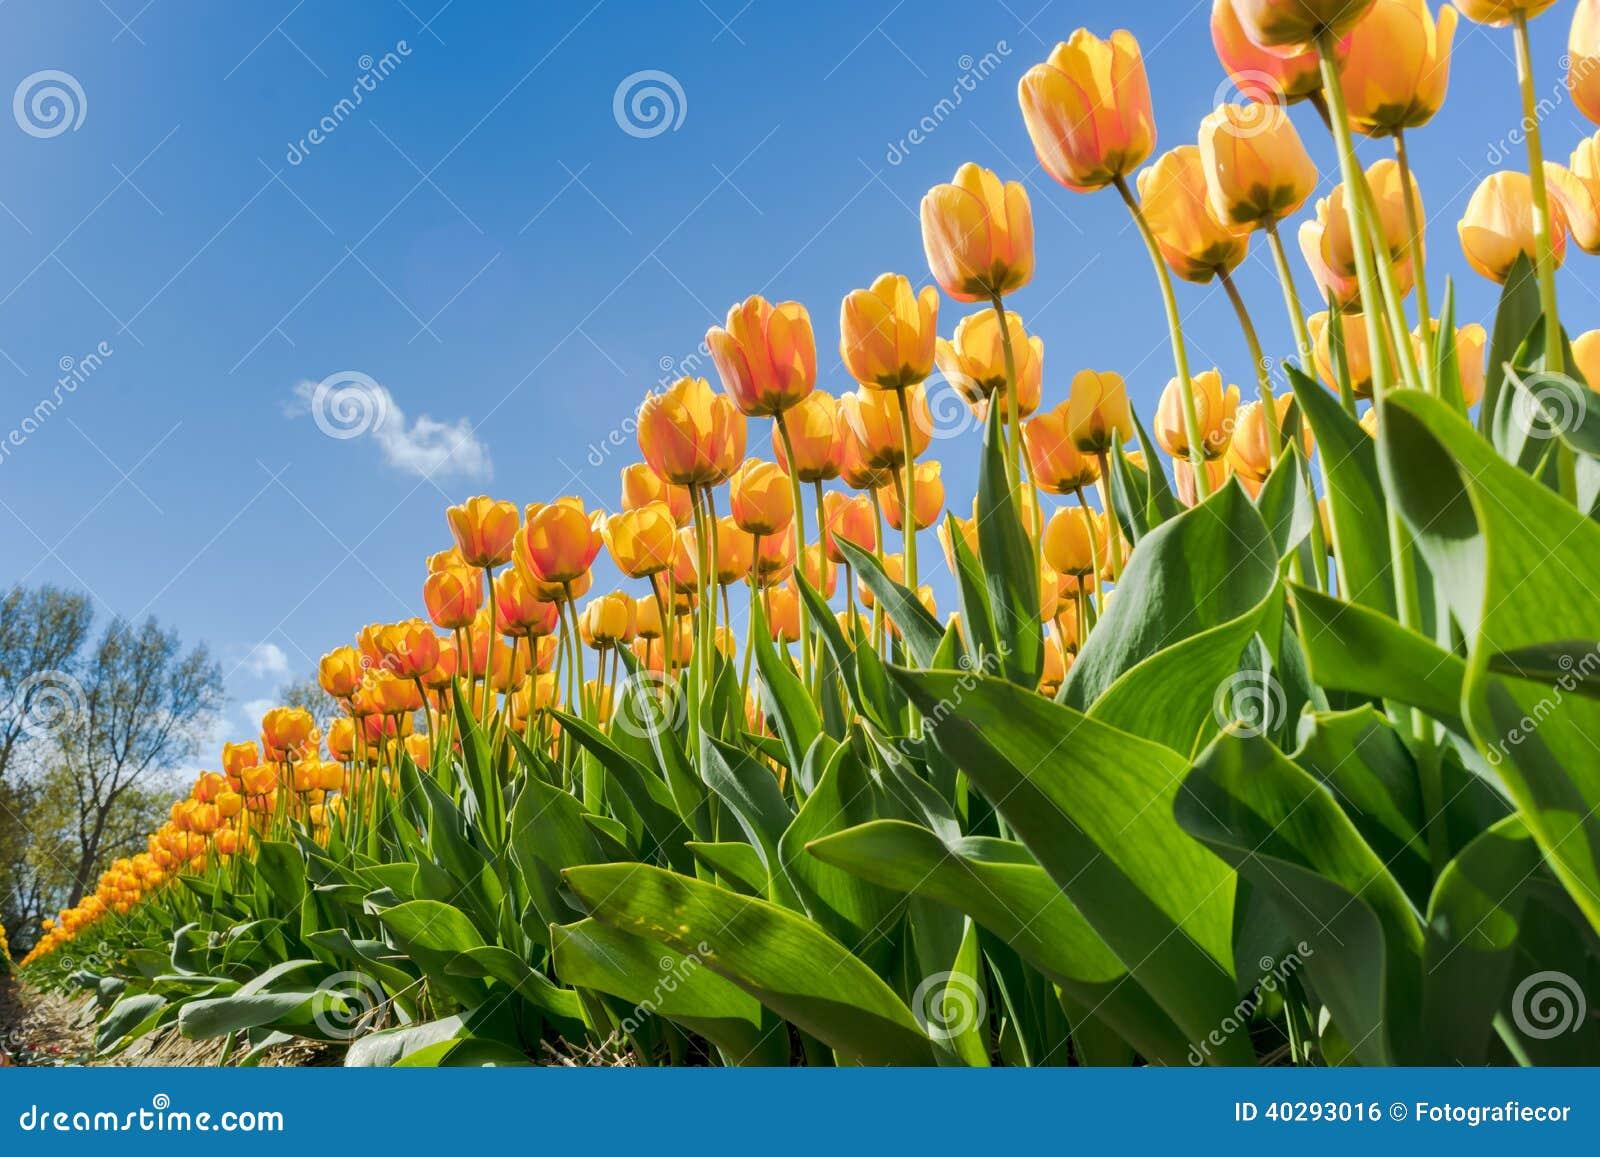 Солнце тюльпанов весной.